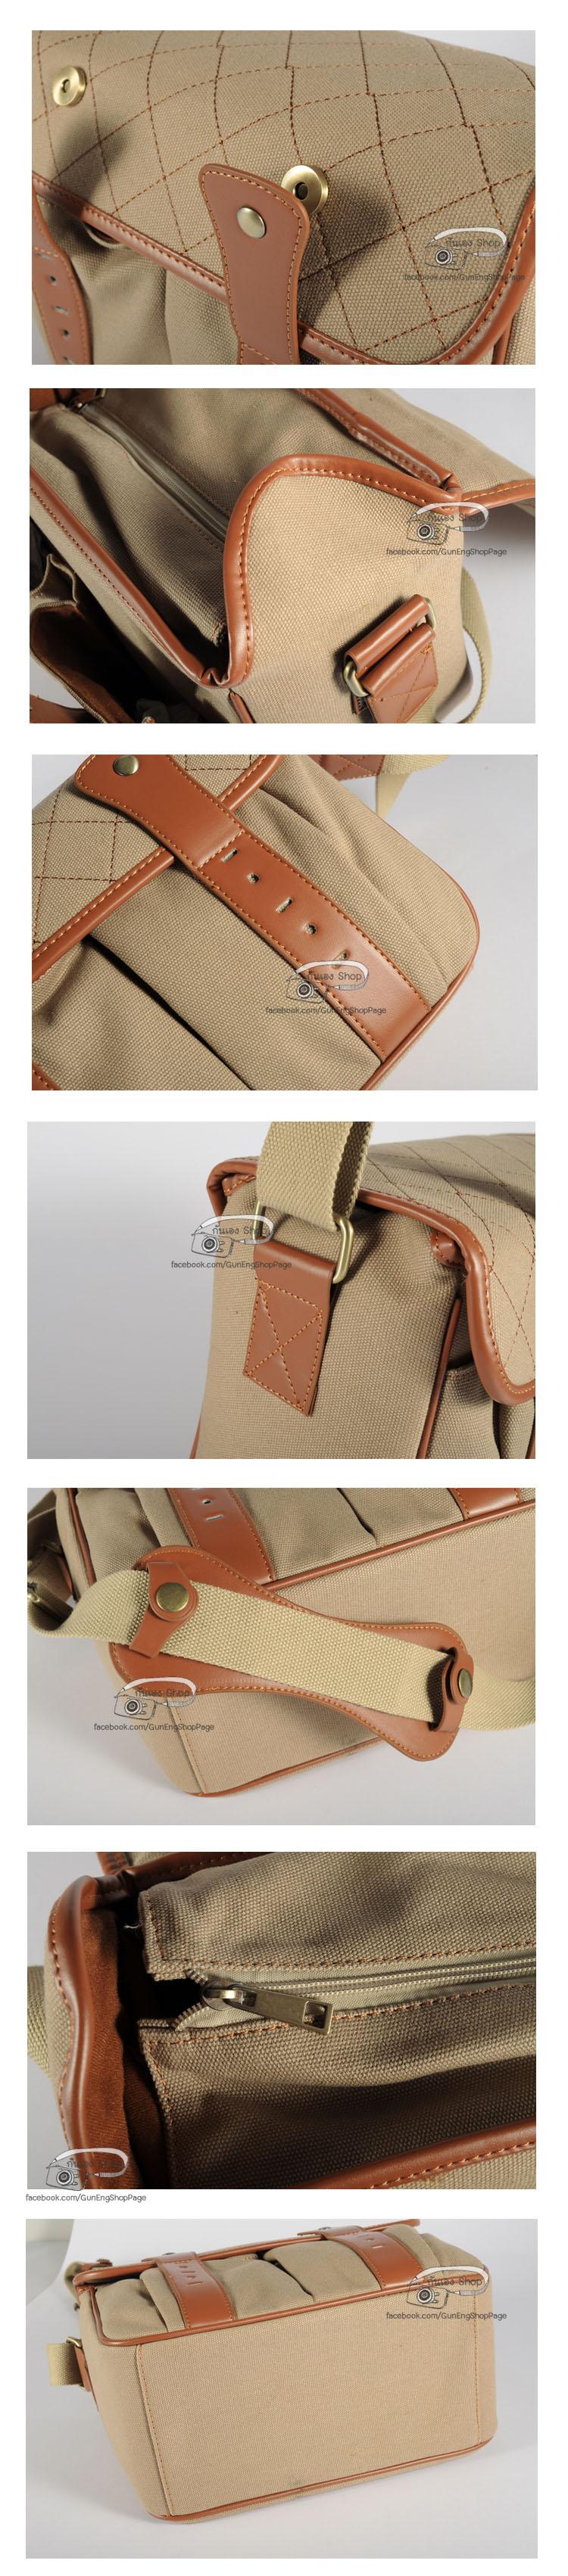 กระเป๋ากล้อง Modern Bag สีครีมข้าว